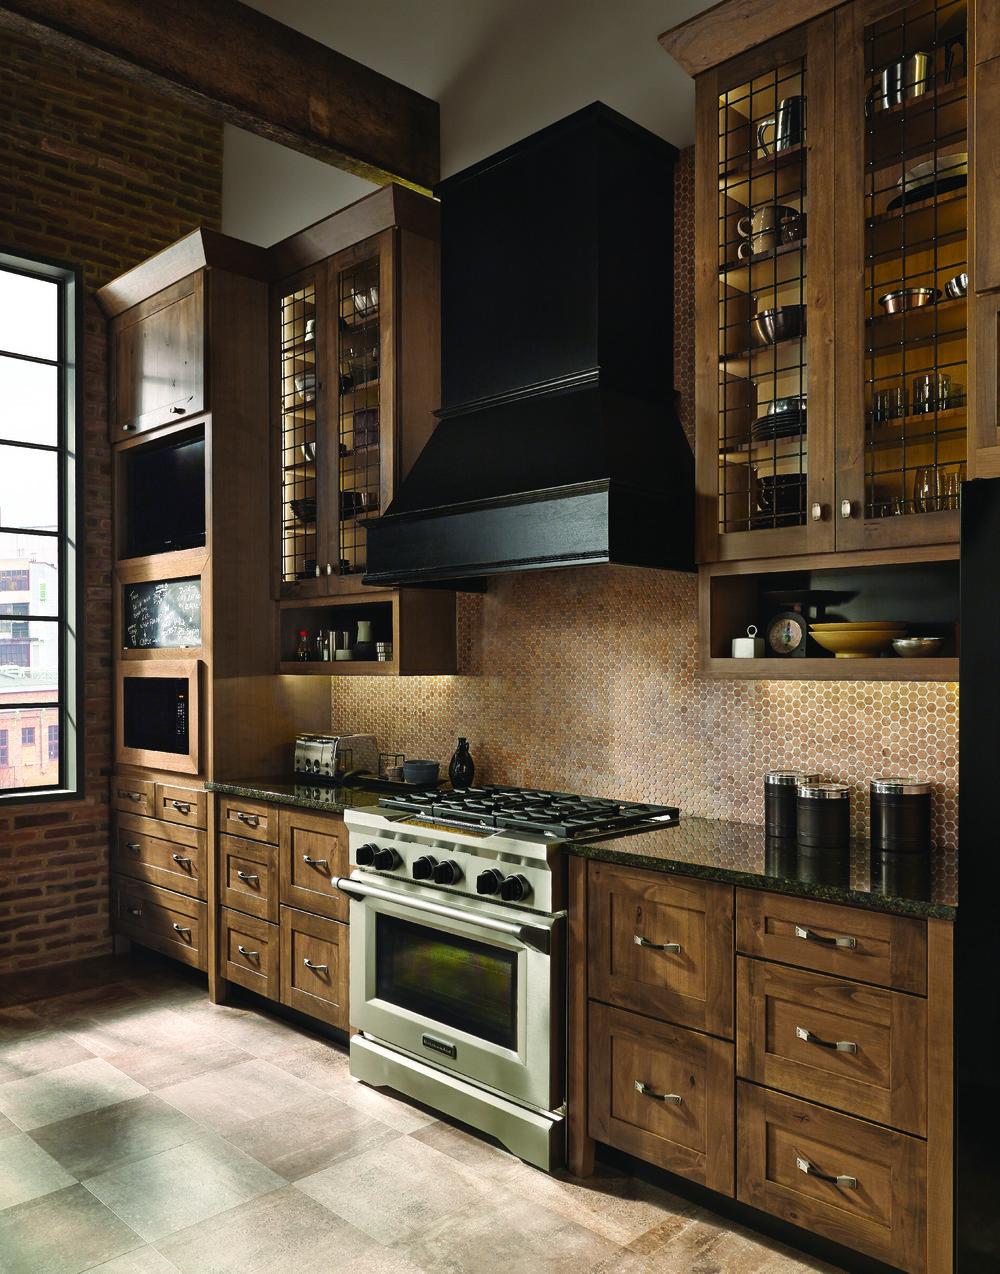 dark urban kitchen.jpeg